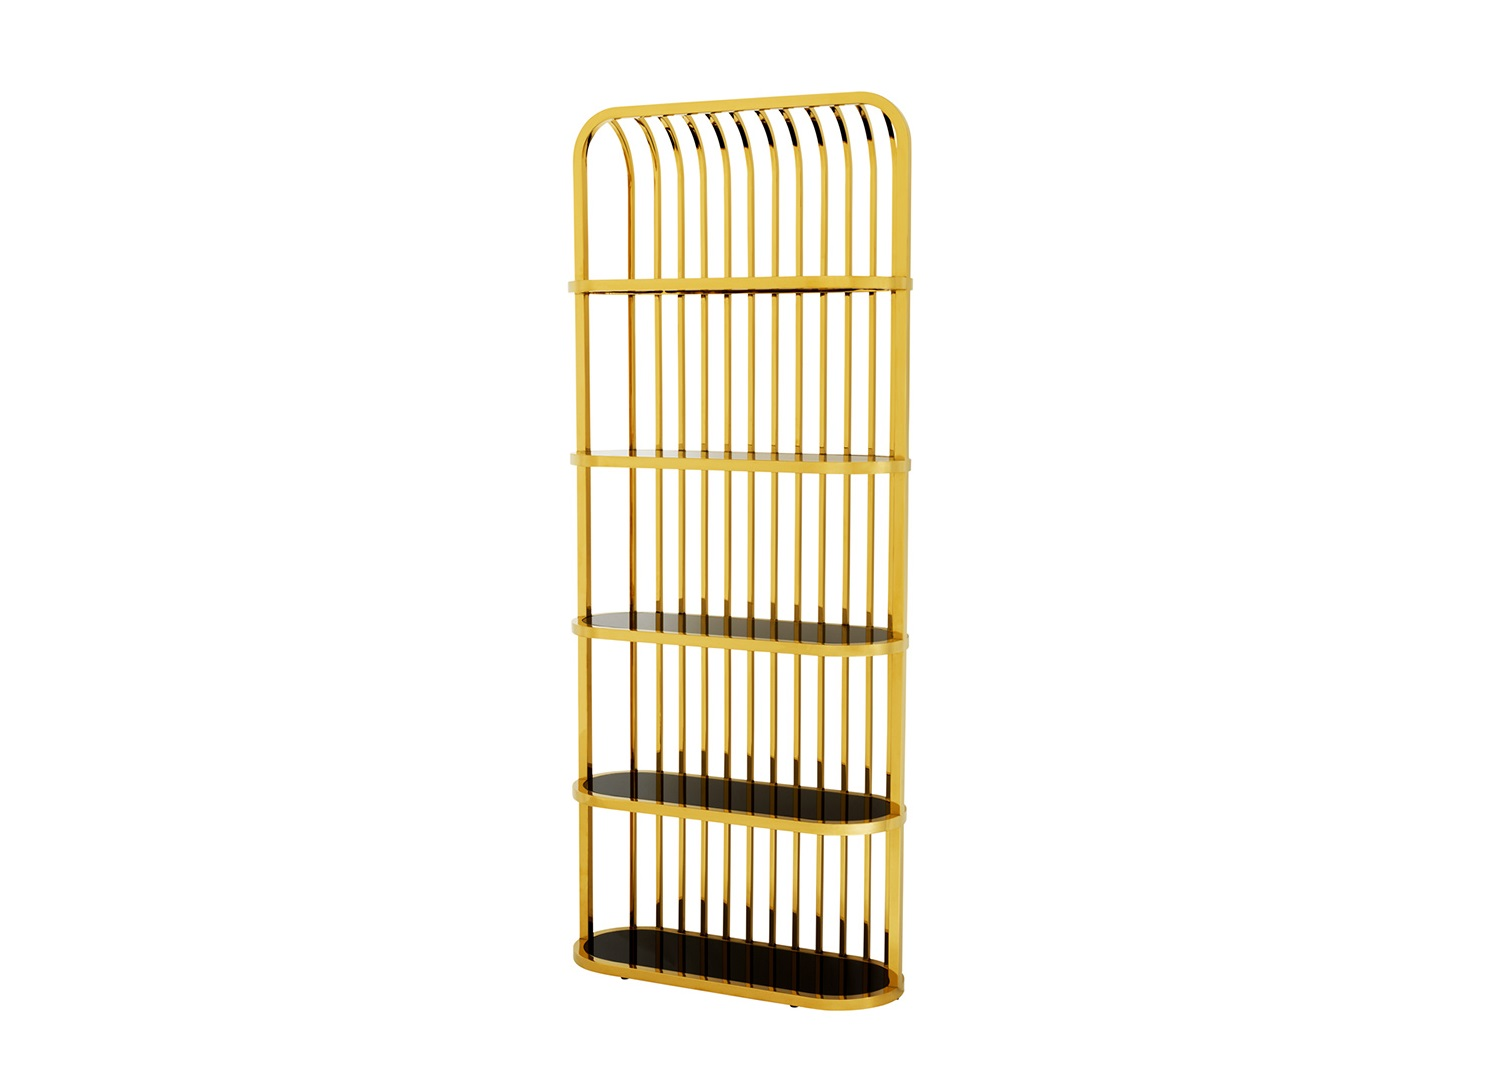 СтеллажСтеллажи<br>Стеллаж Cabinet Eliot выполнен из металла золотого цвета. Полки из плотного стекла черного цвета.<br><br>Material: Металл<br>Width см: 95<br>Depth см: 36<br>Height см: 230